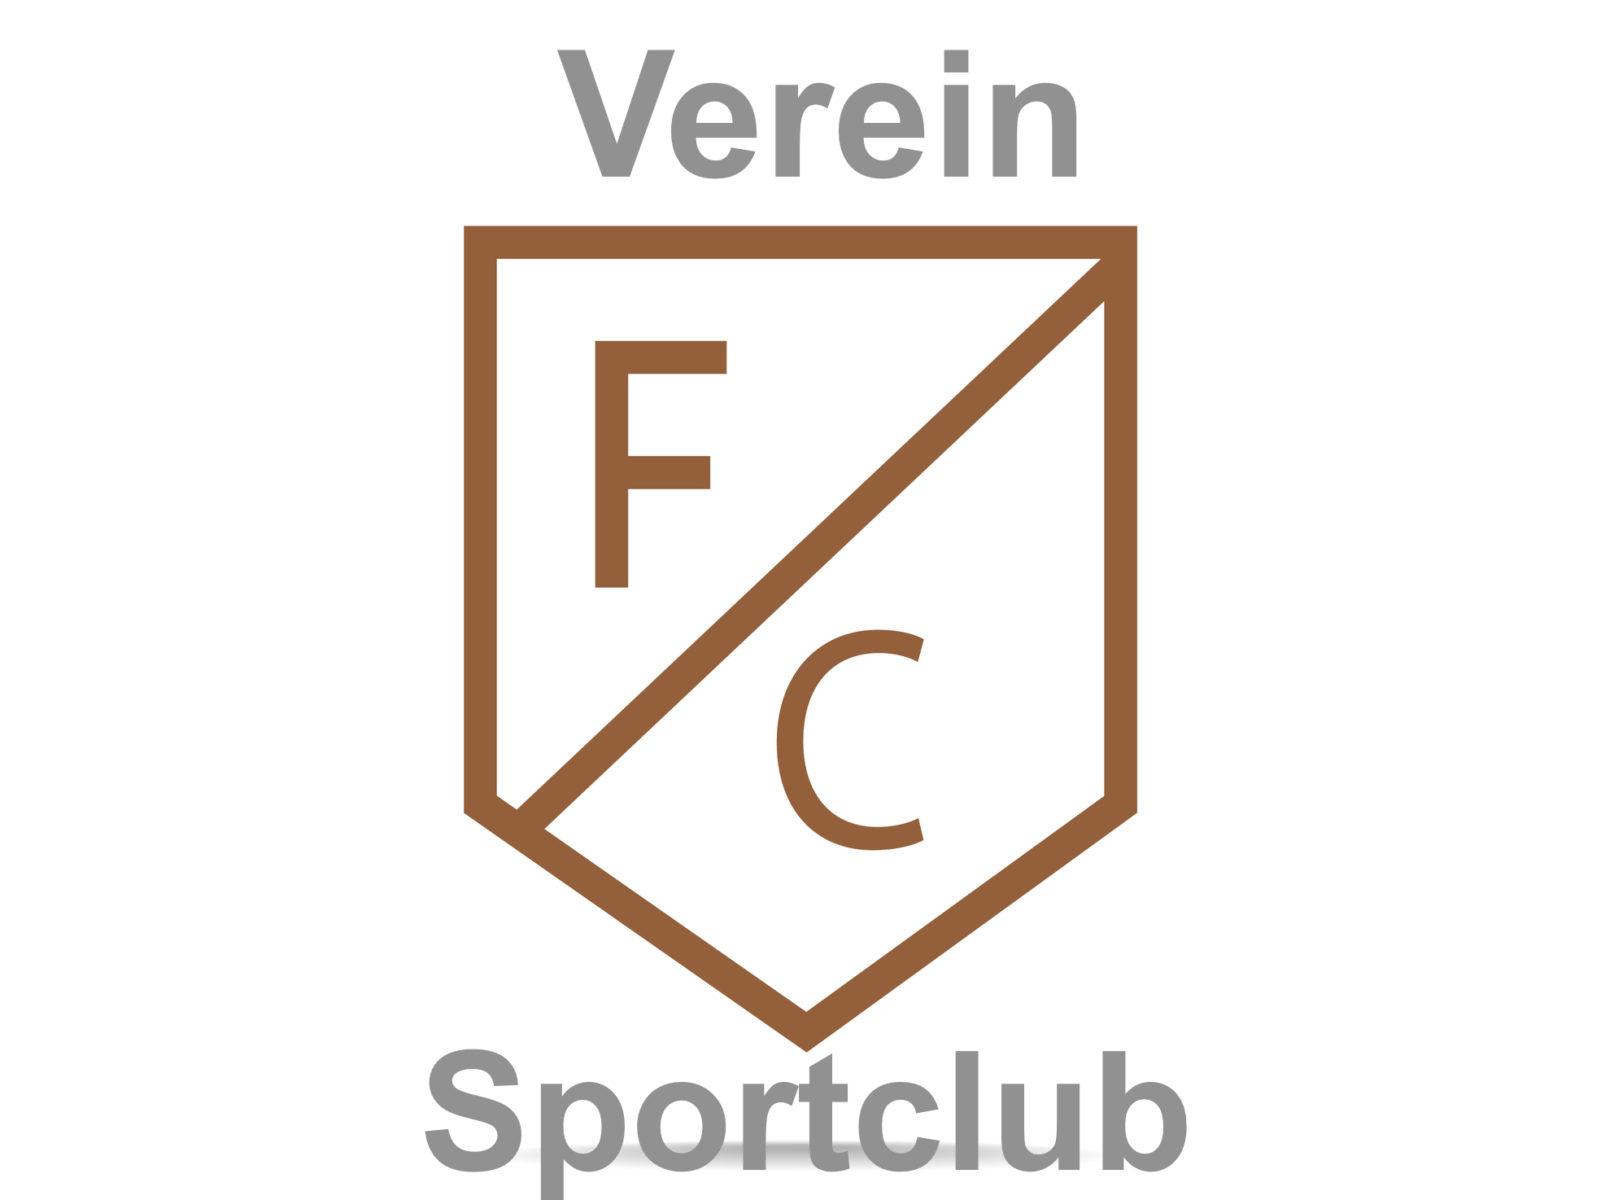 Verein Sportclub DSGVO